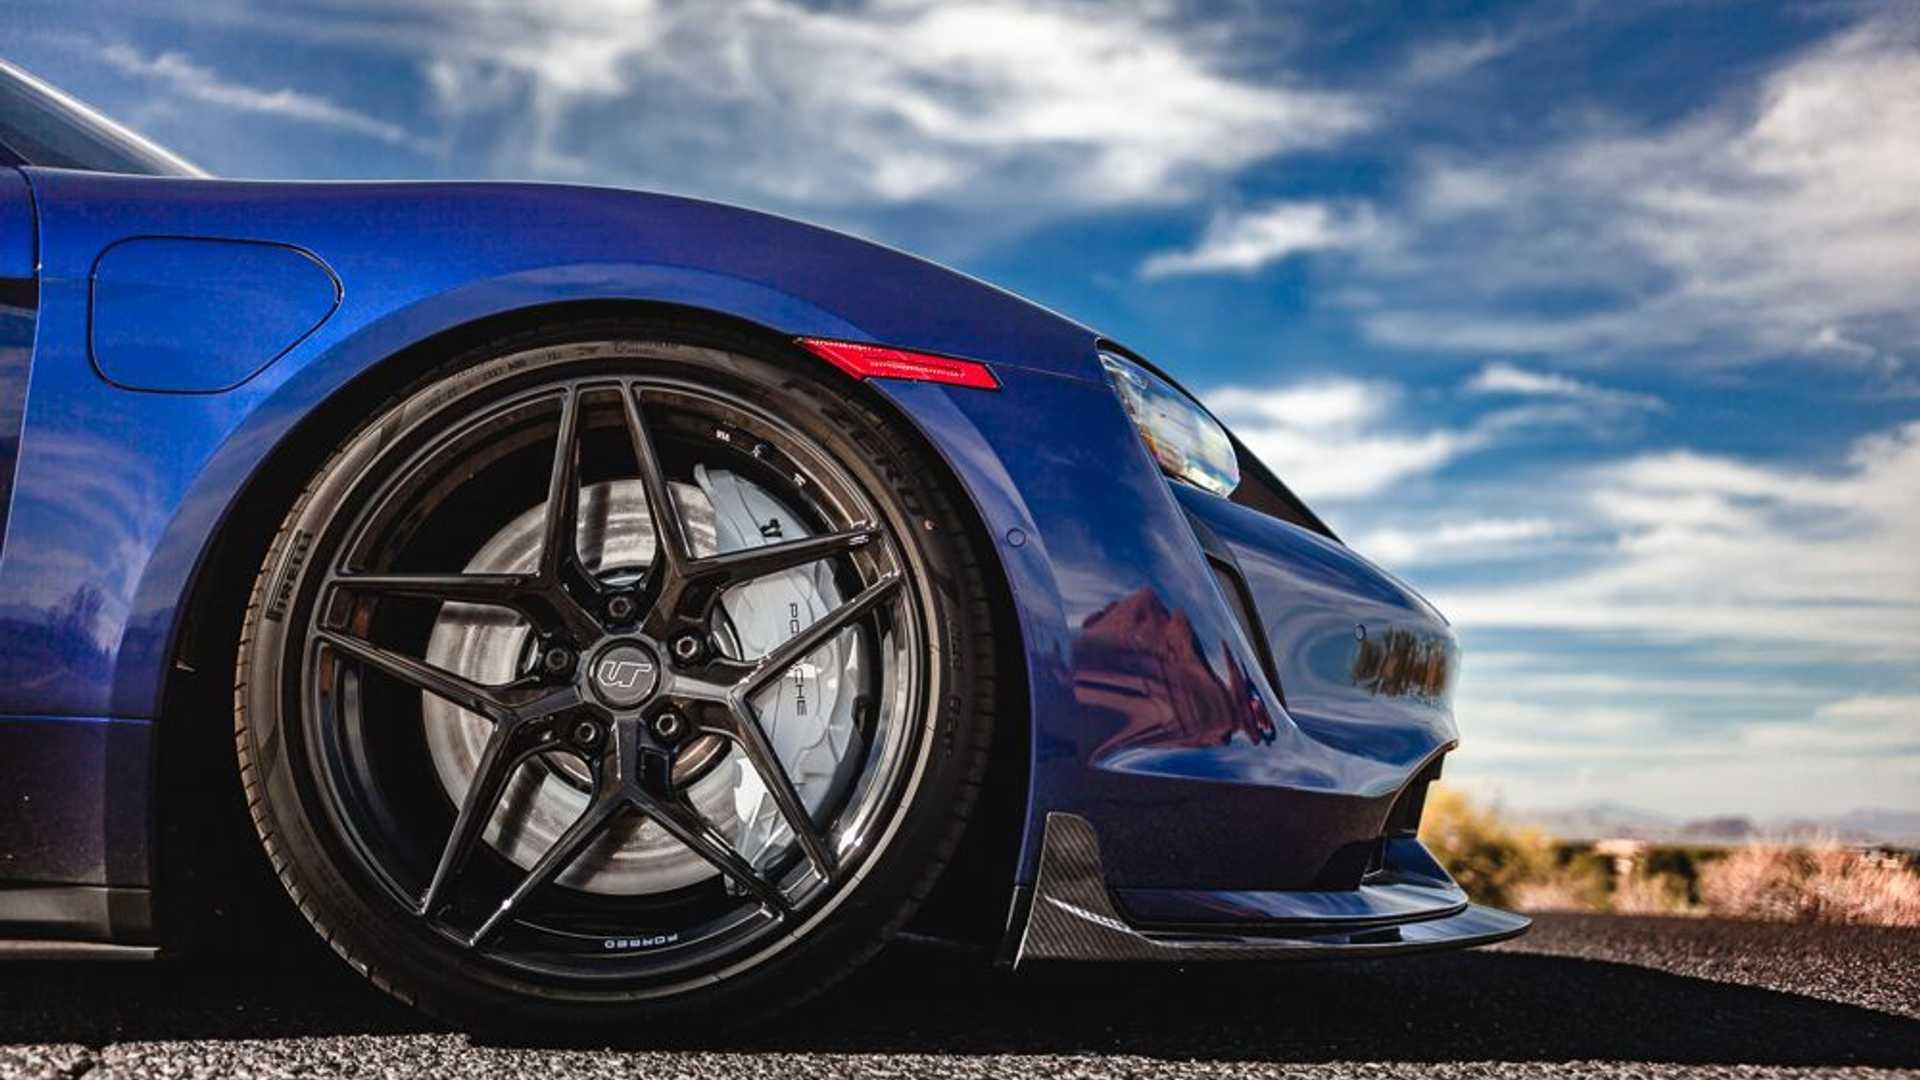 Porsche-Taycan-by-Vivid-Racing-42